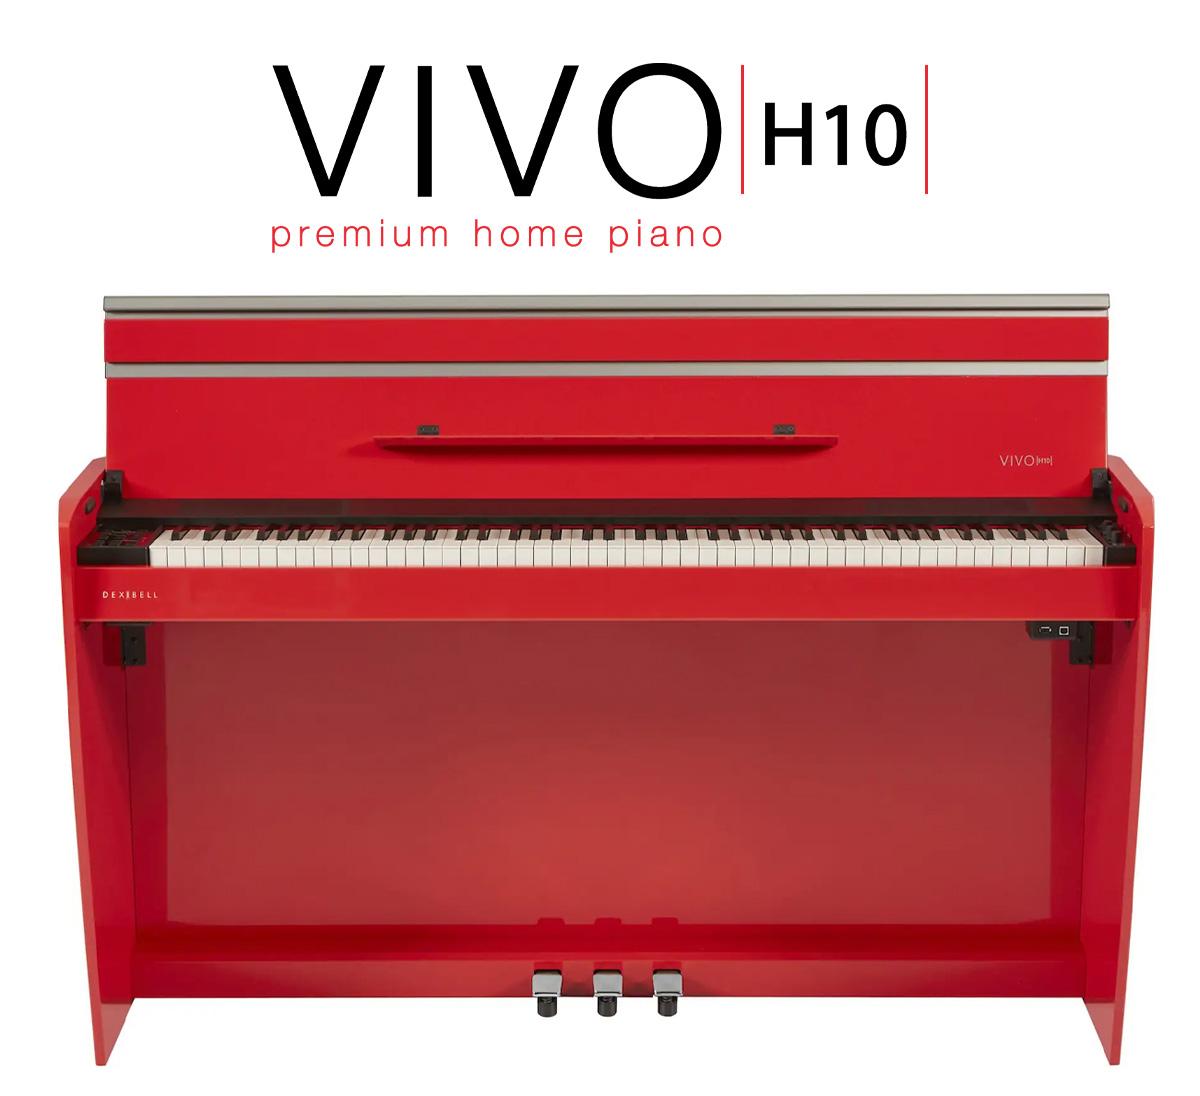 VIVO H10